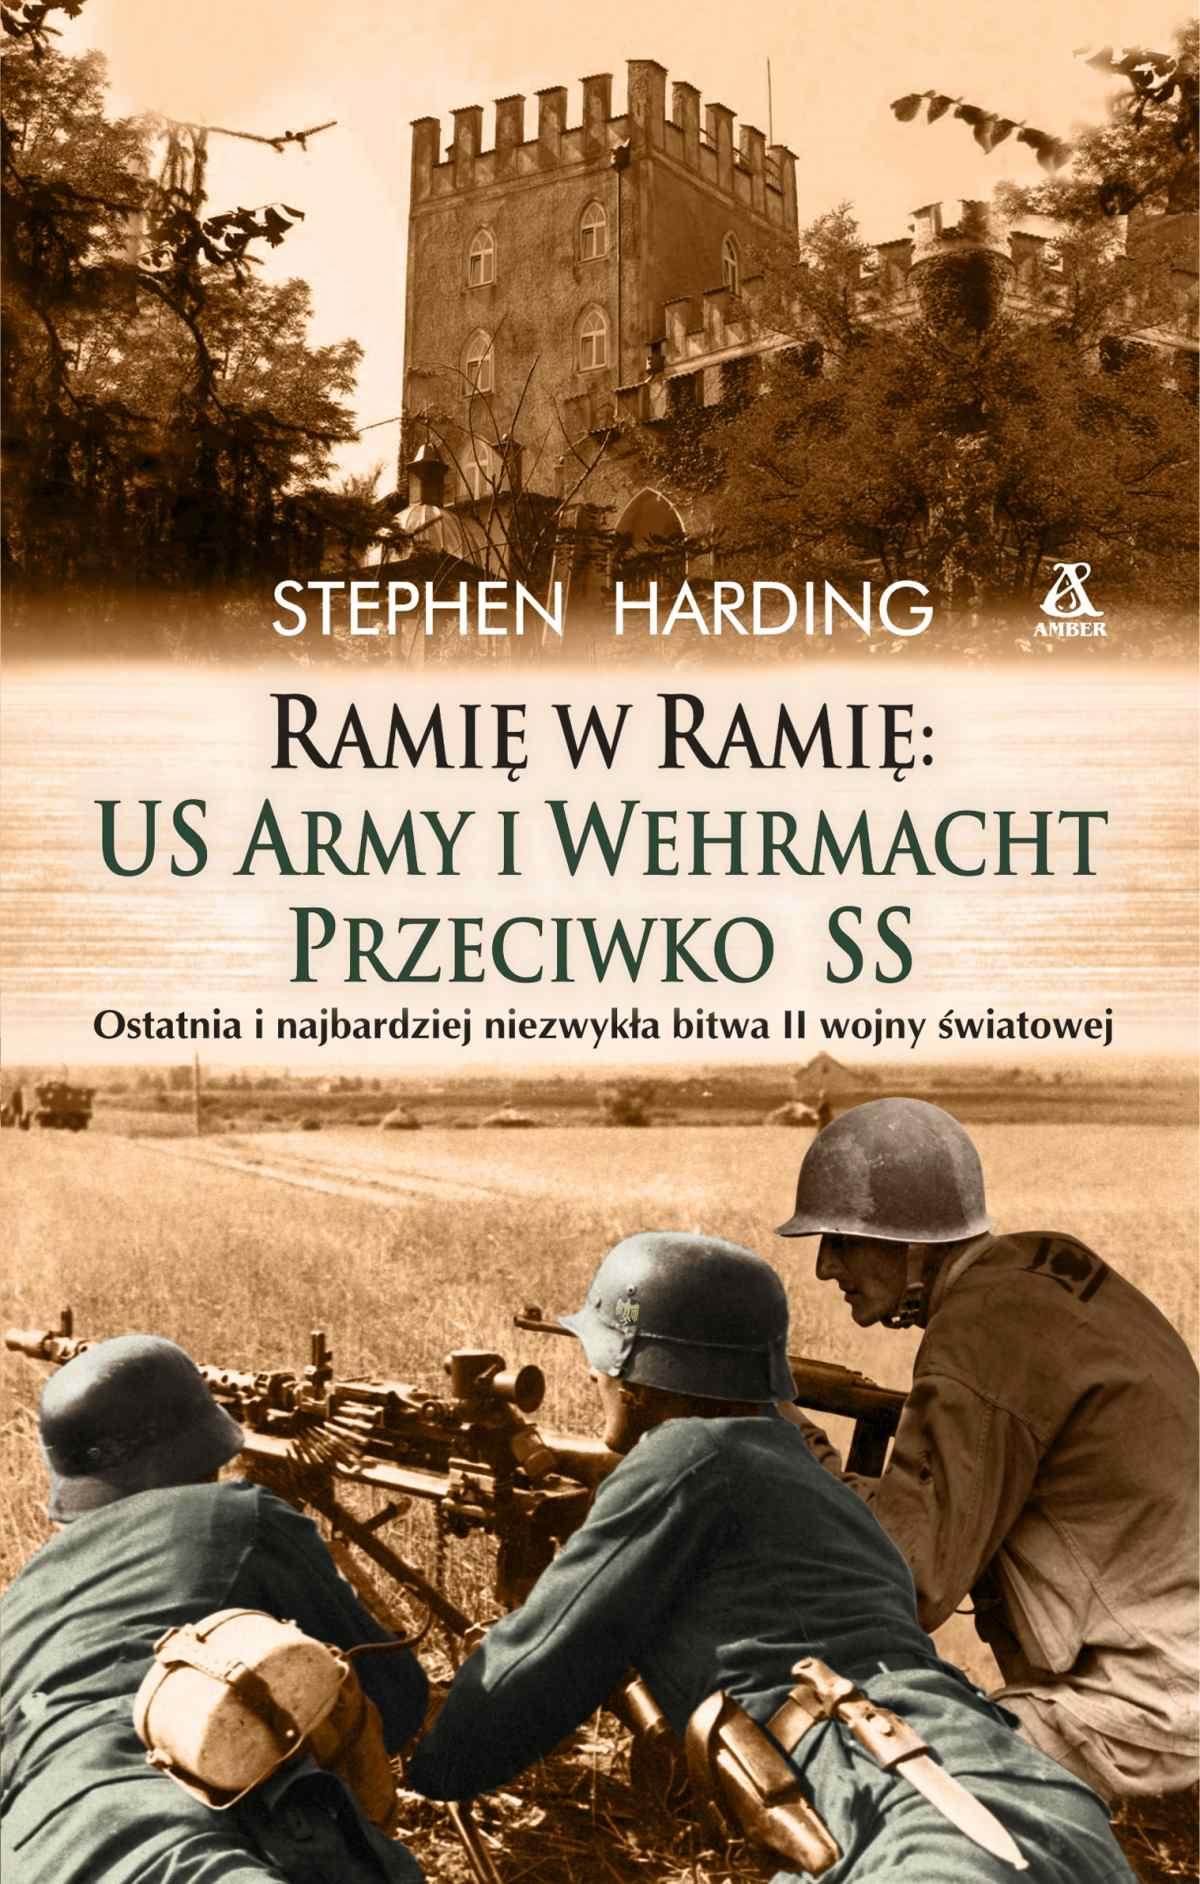 Ramię w ramię: US Army i Wehrmacht przeciwko SS - Ebook (Książka EPUB) do pobrania w formacie EPUB